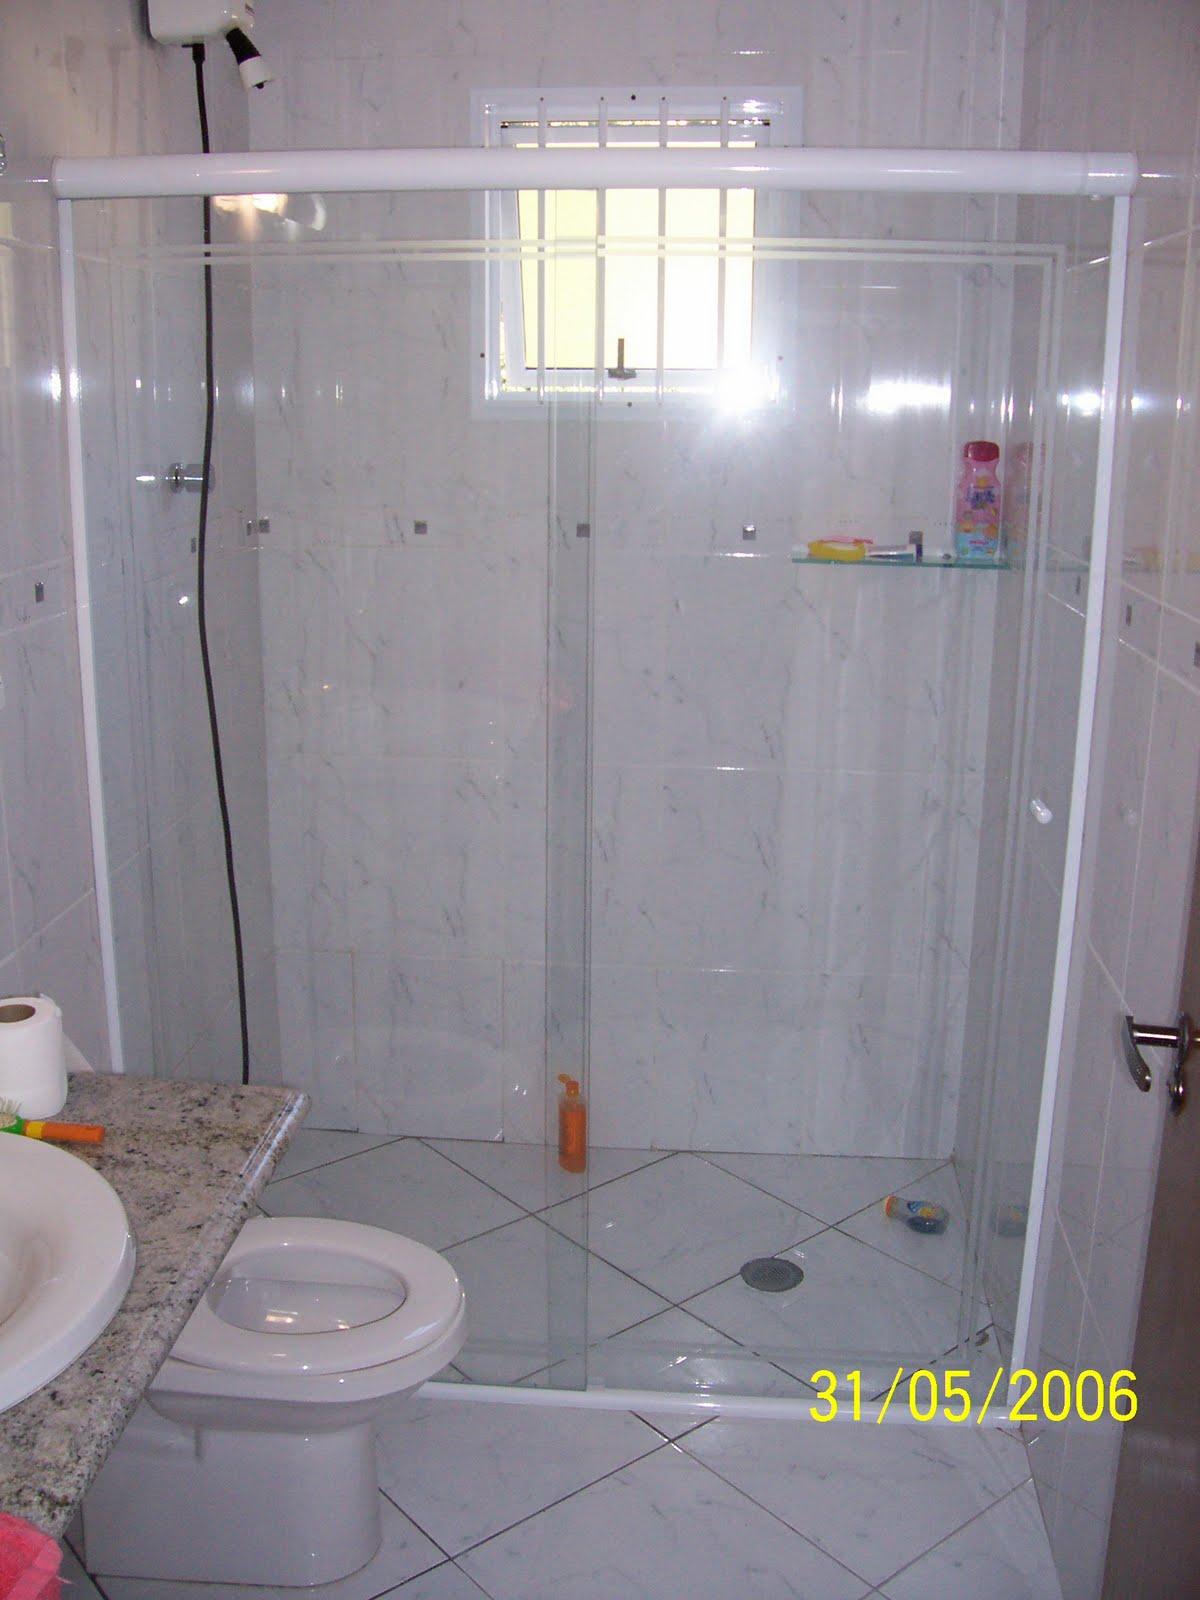 Imagens de #AEAE1D Serralheria Piedade SJ Rio de Janeiro Portões Automáticos etc  1200x1600 px 2528 Box Banheiro Vidro Temperado Rio De Janeiro